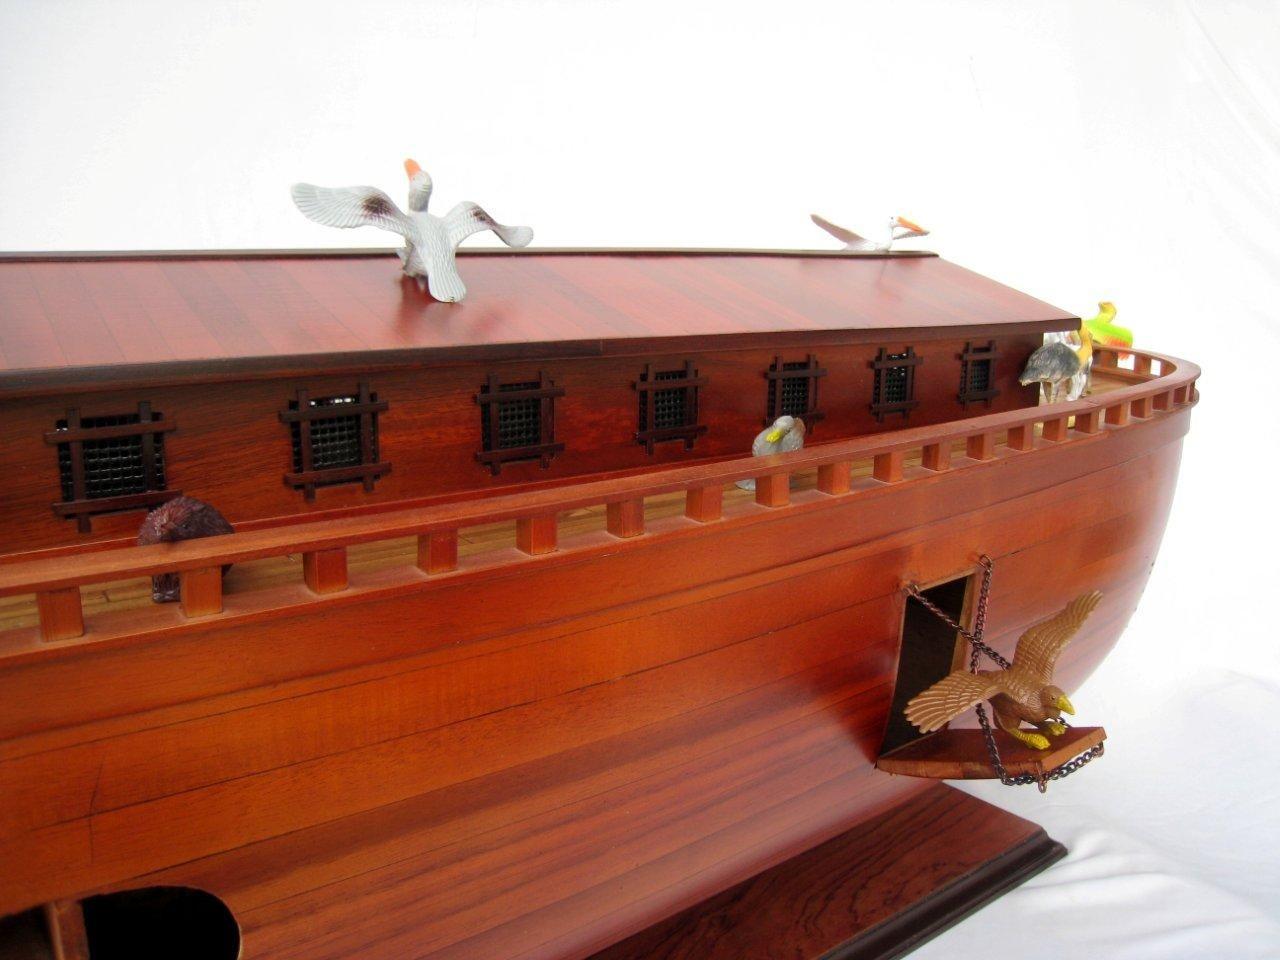 2043-12575-Noahs-Ark-Model-Boat